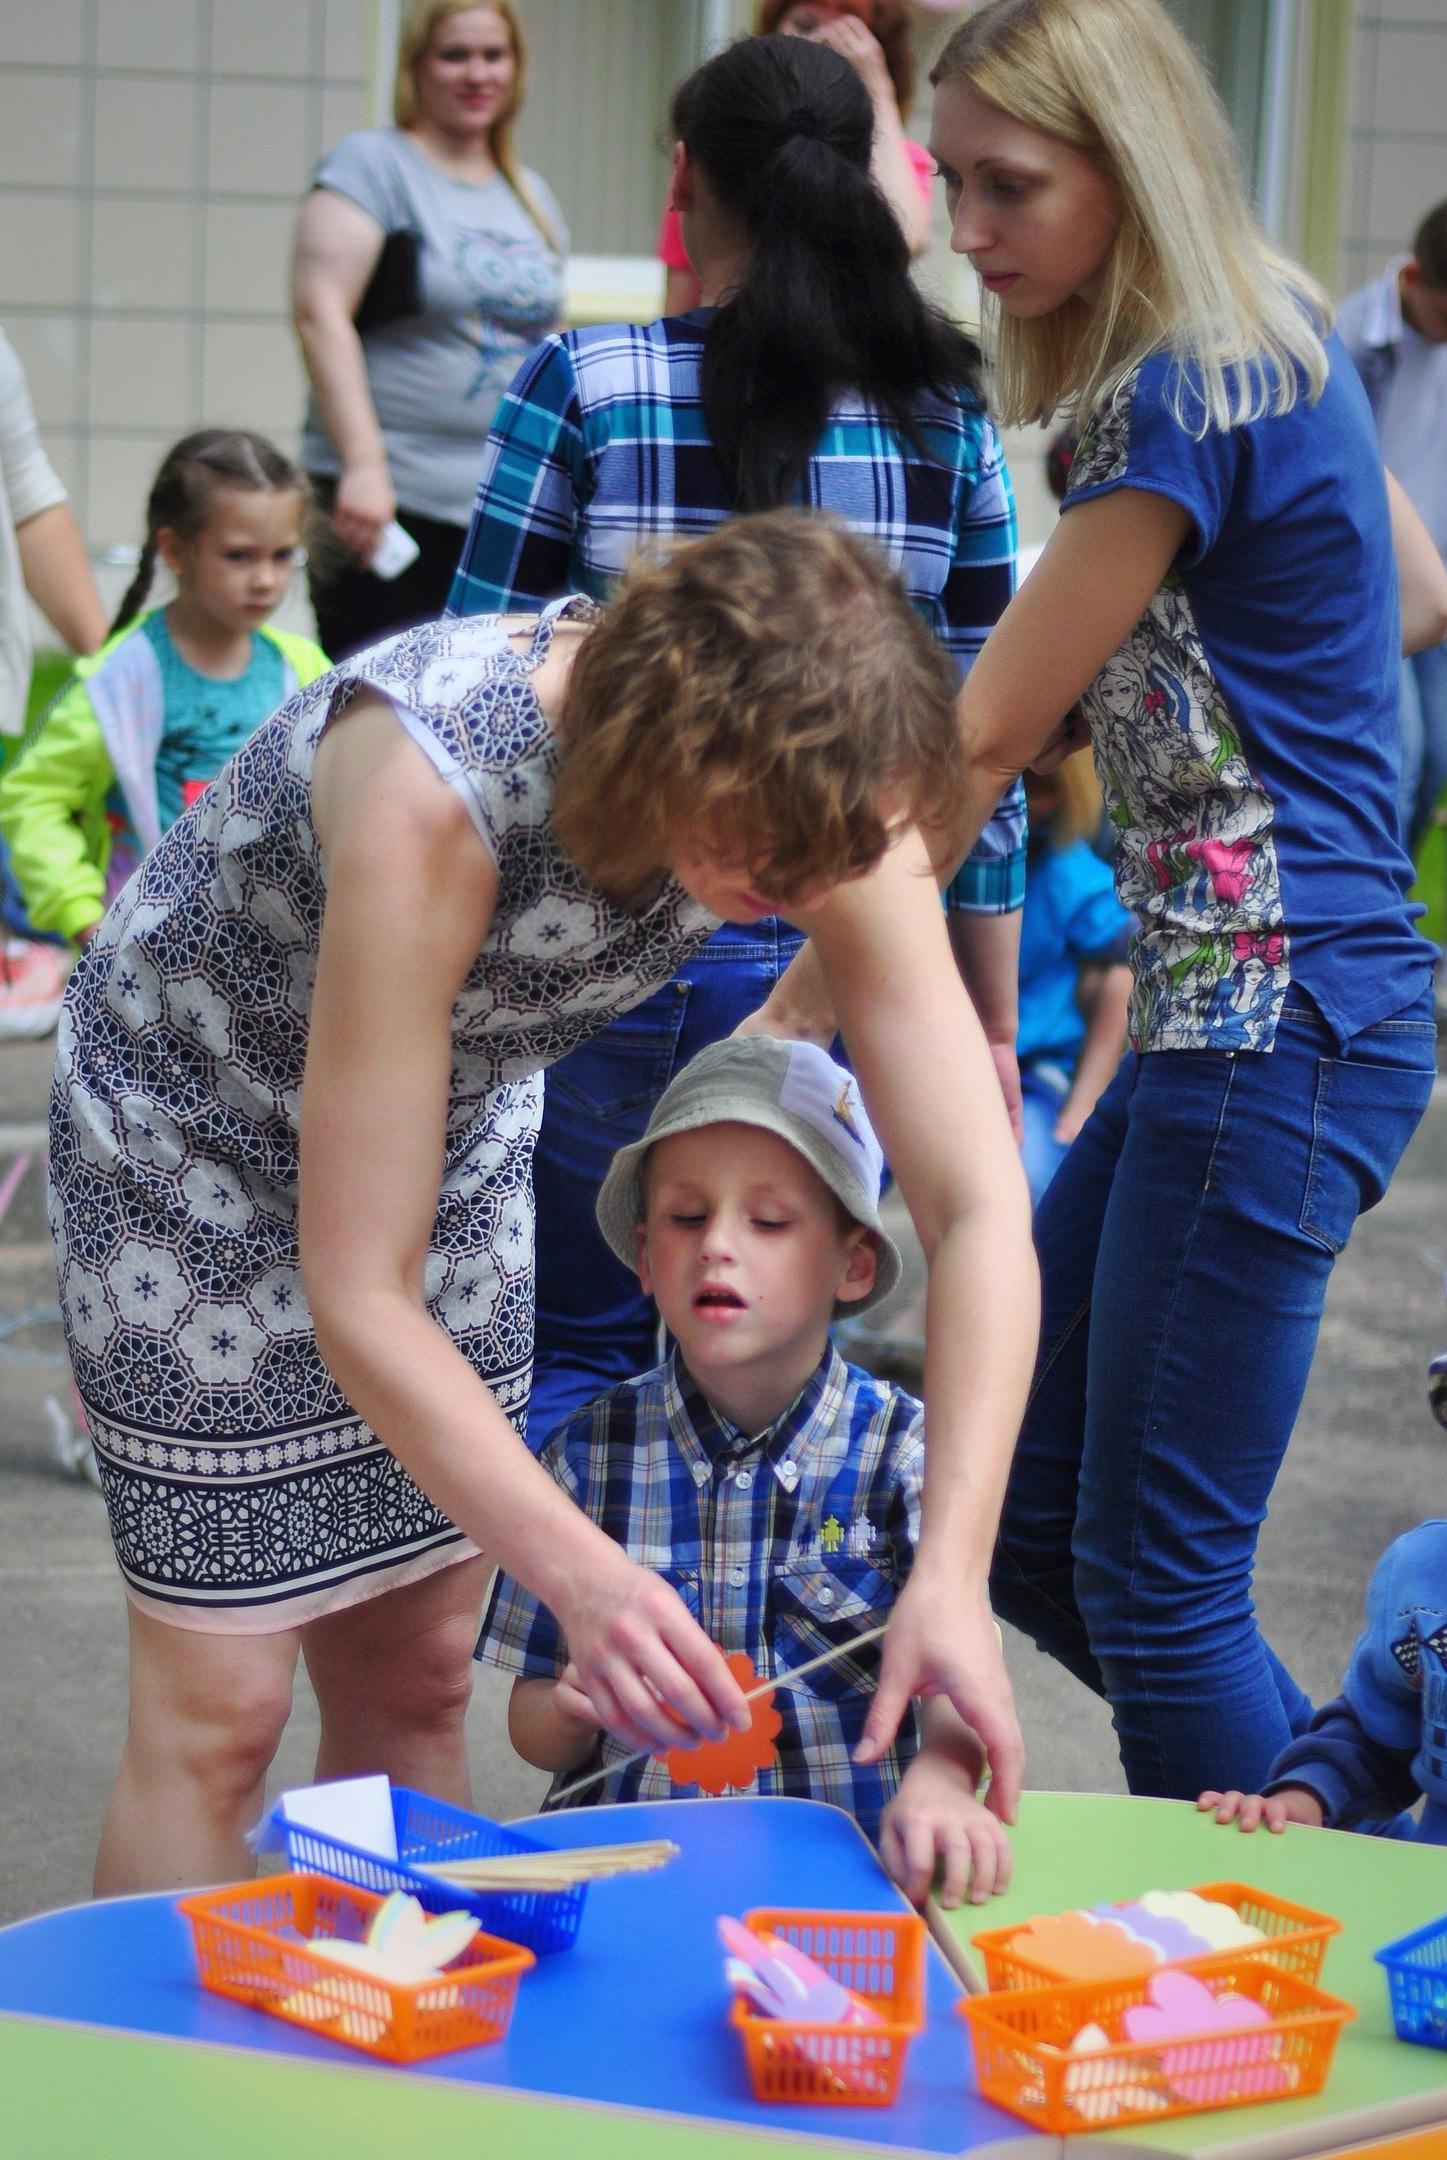 24.06.2016, вып. в Лесовичке, фото О. Сидяковой, 28